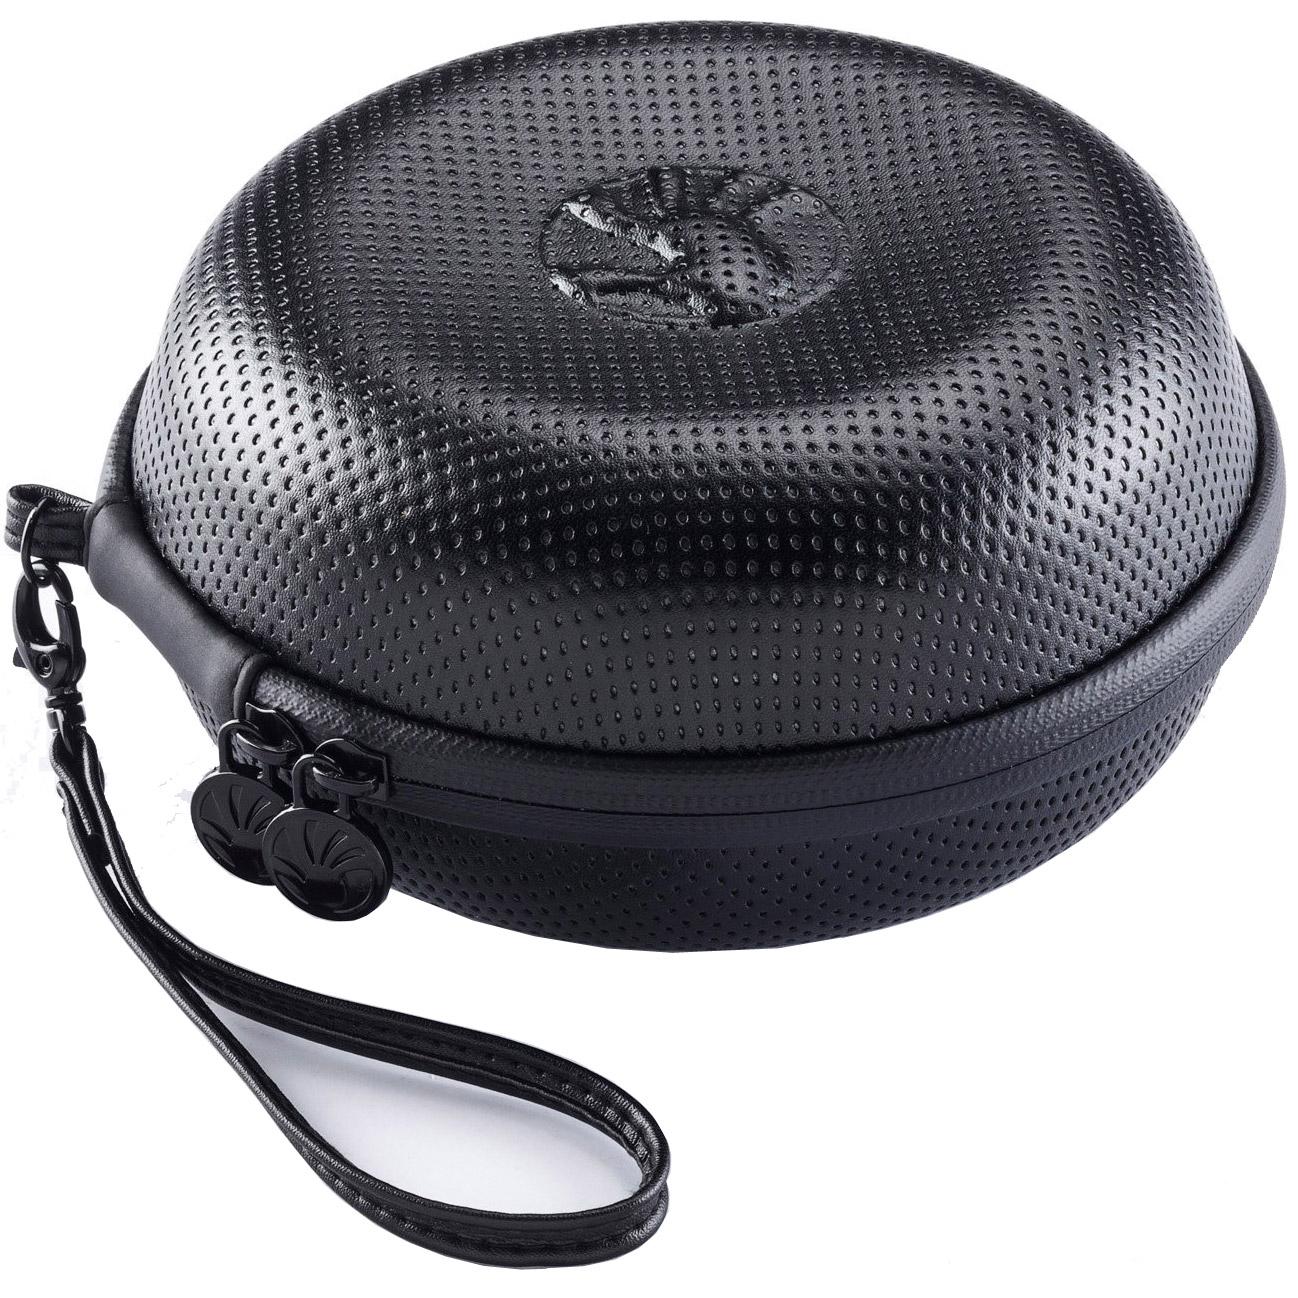 SLAPPA Headphone Case Hard Body Bag Storage Box For Earphone Headset SL-HP-99